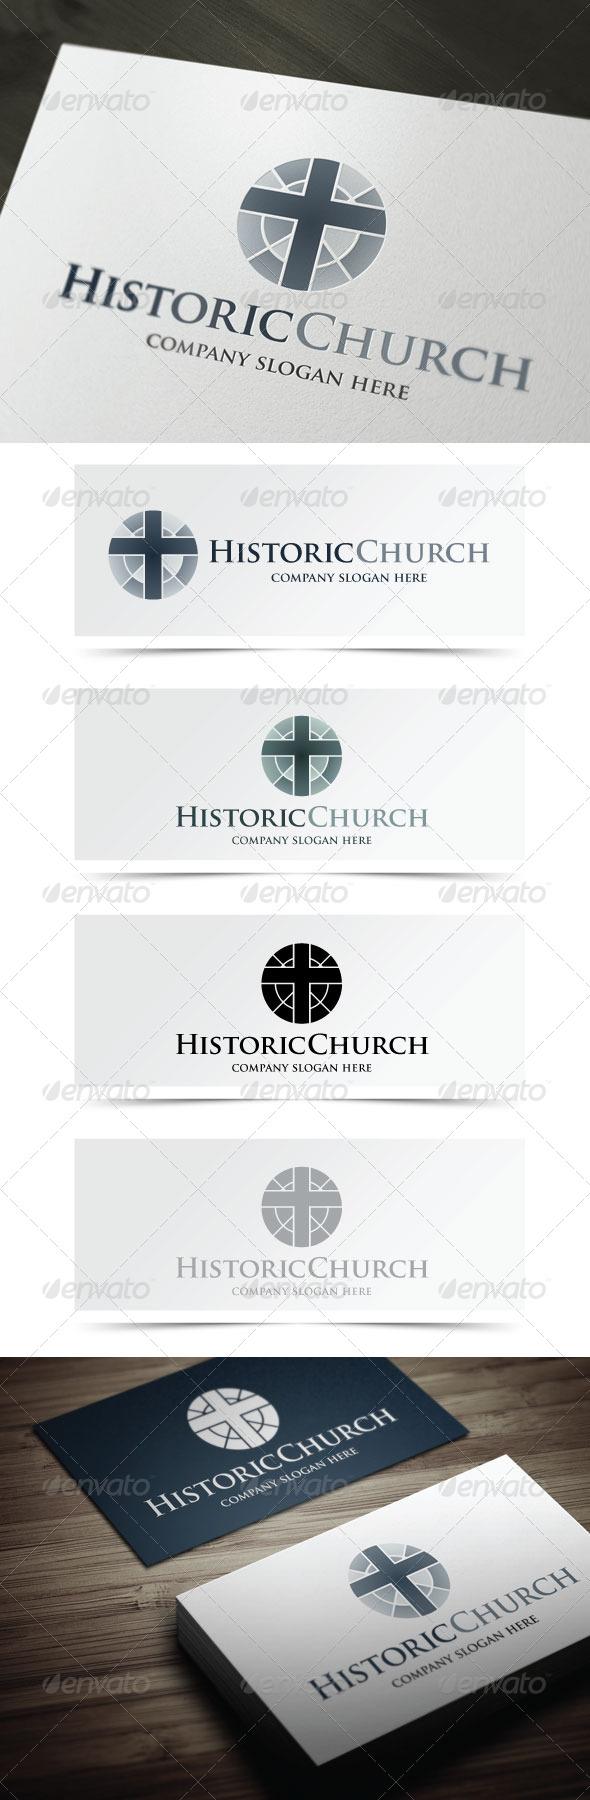 GraphicRiver Historic Church 5302854